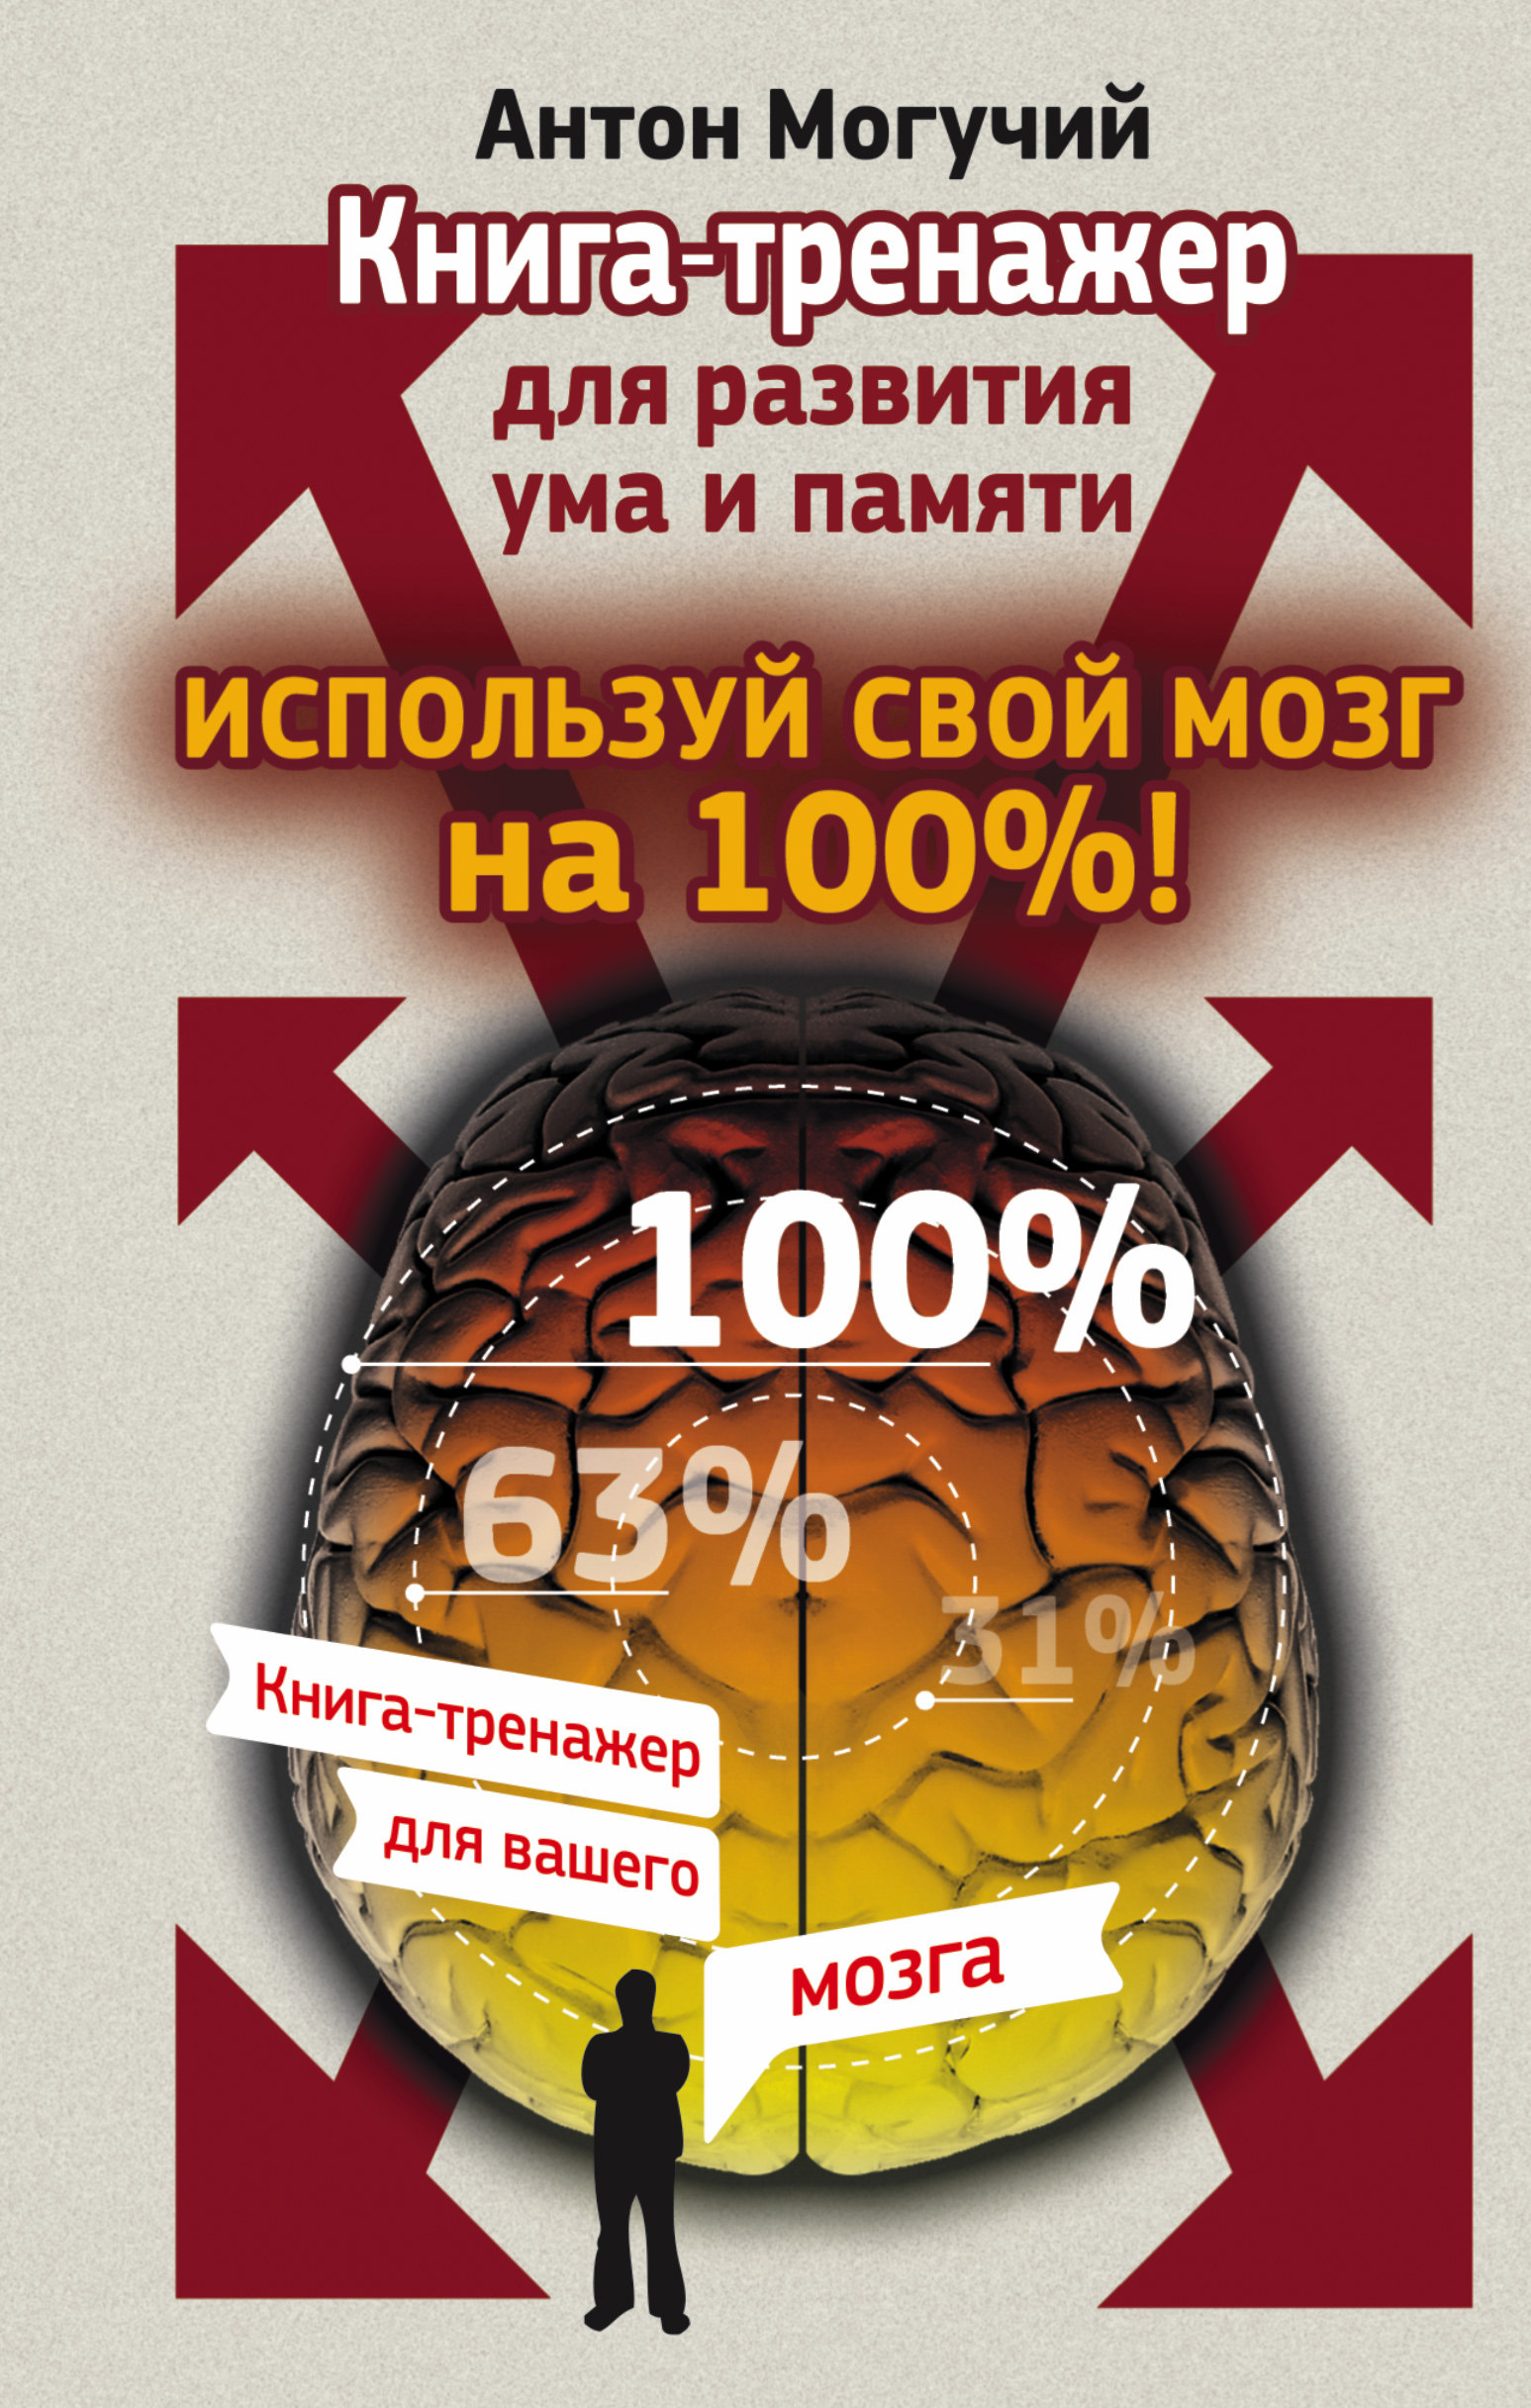 Антон Могучий «Используй свой мозг на 100%! Книга-тренажер для развития ума и памяти»